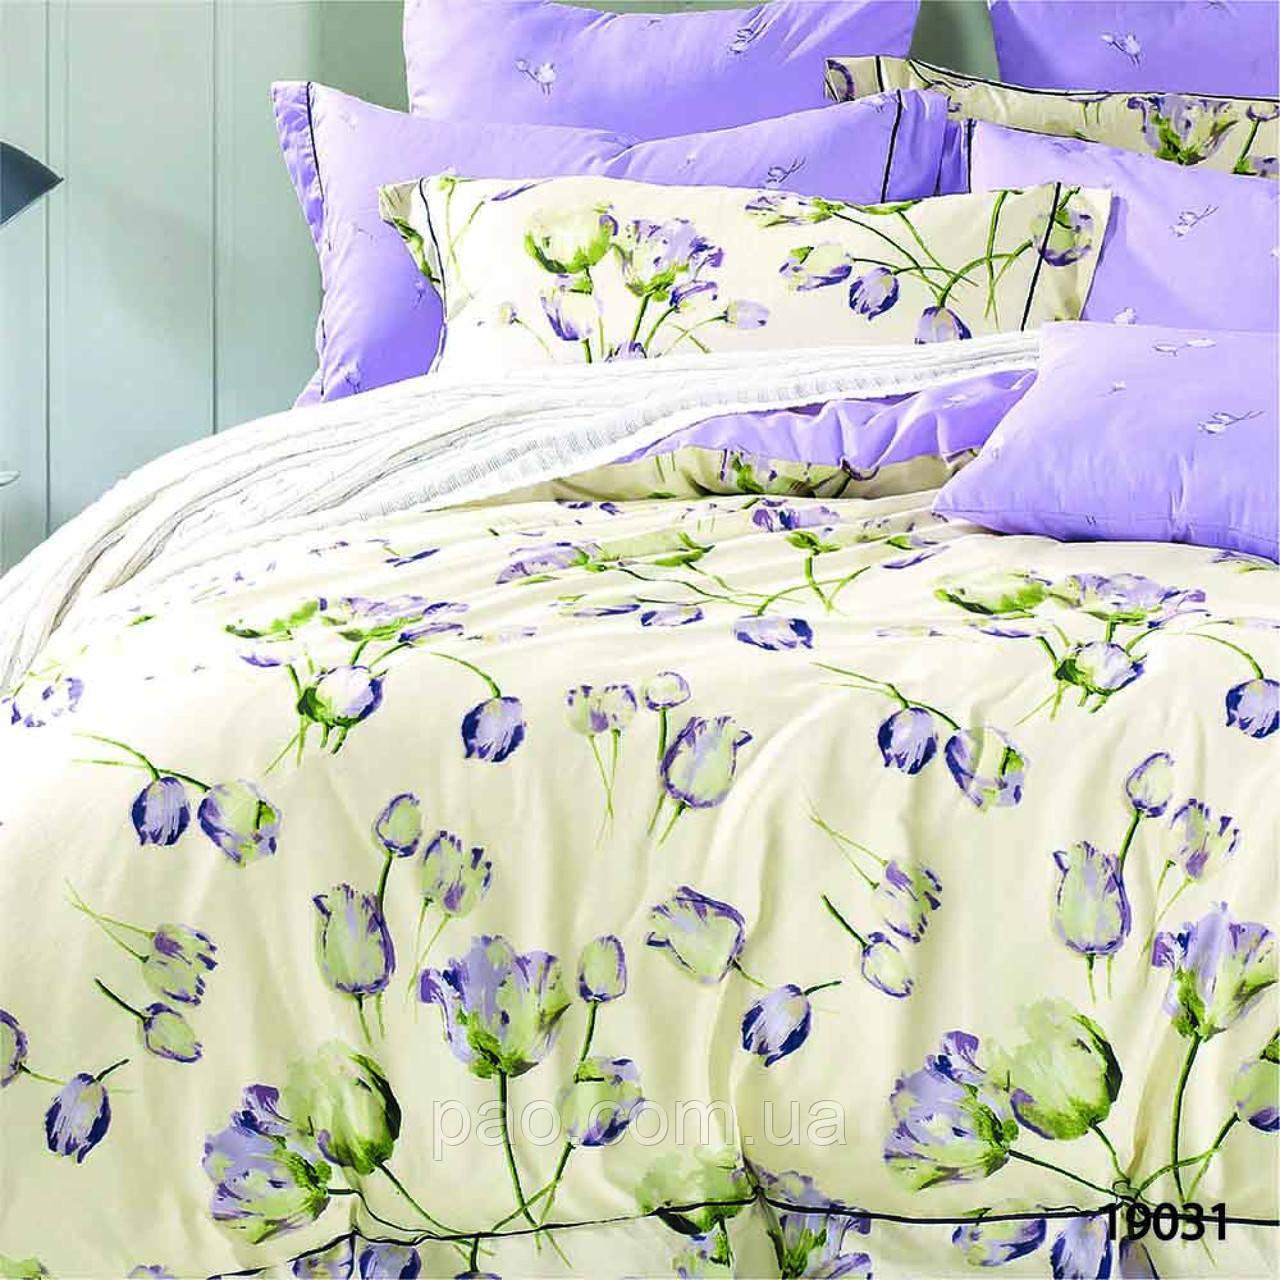 Постельное белье Сказочные тюльпаны, ранфорс, семейный комплект